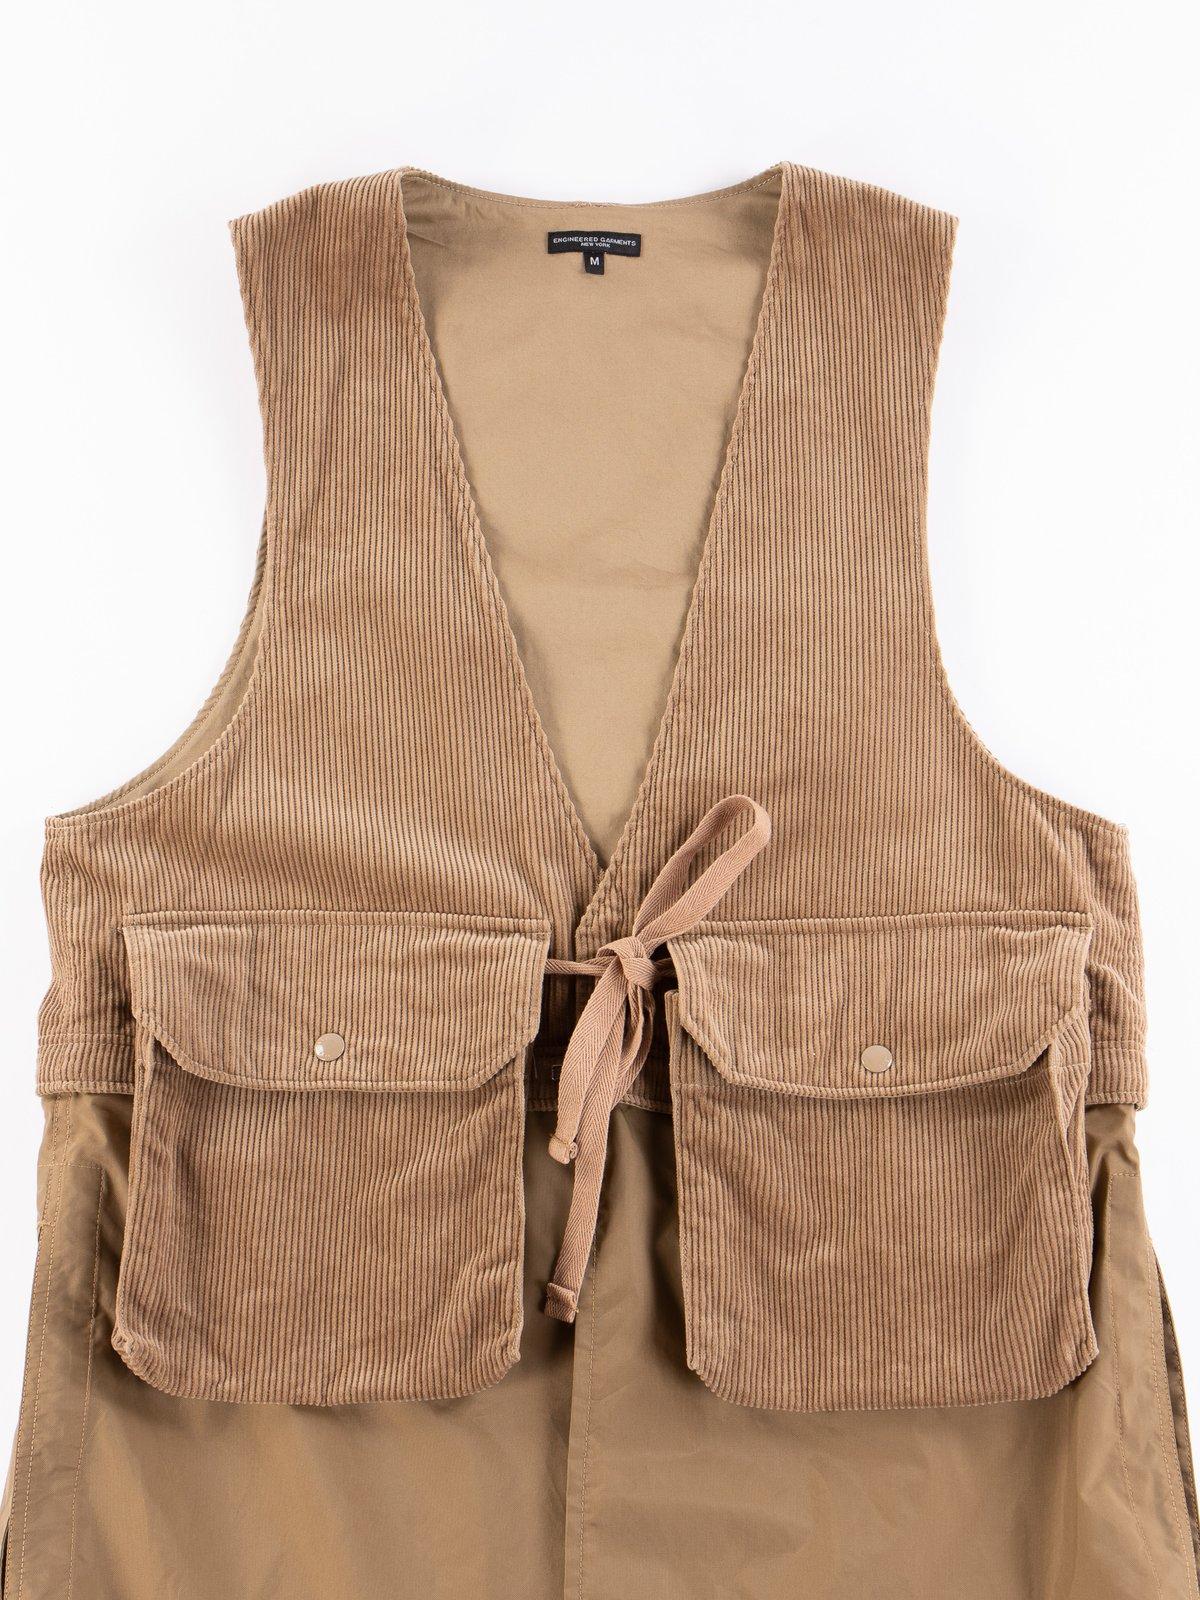 Khaki 8W Corduroy Long Fowl Vest - Image 3